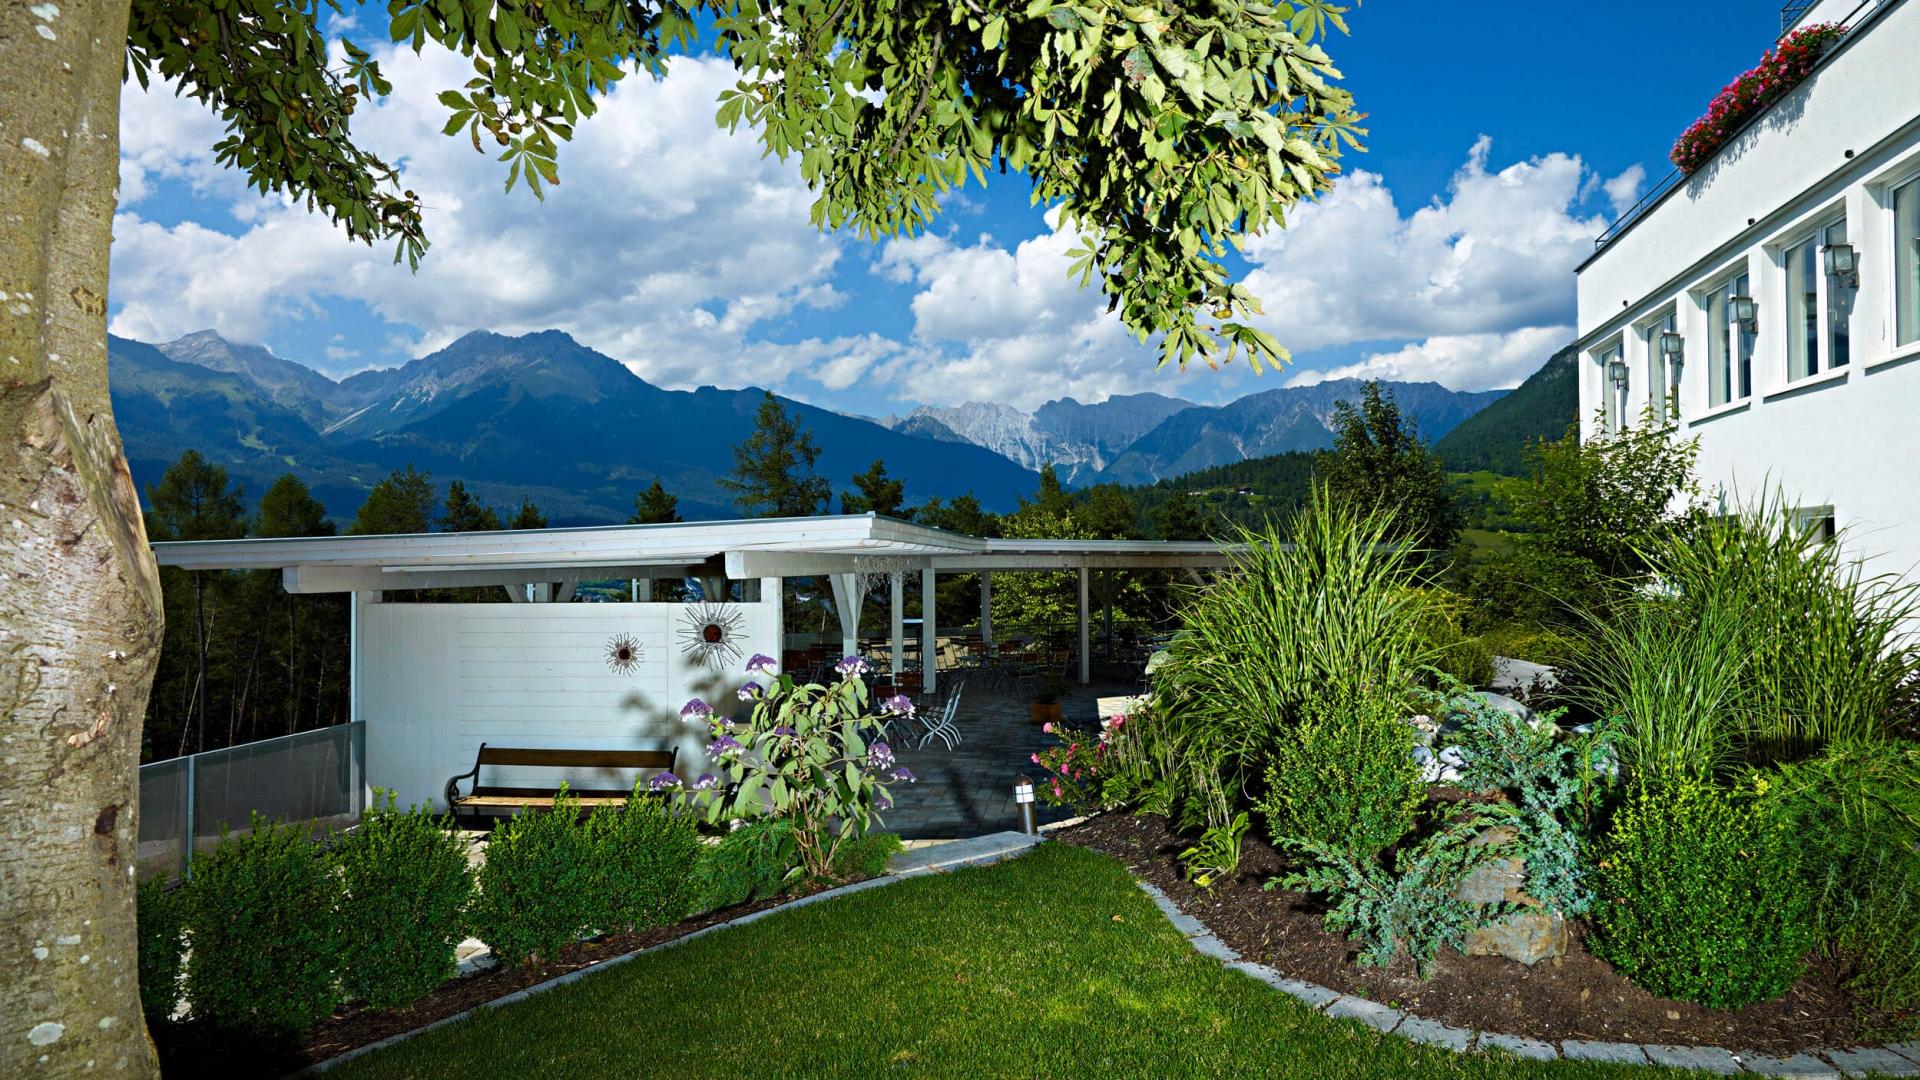 Garten vom Hotel Arzlerhof © Mario Rabensteiner